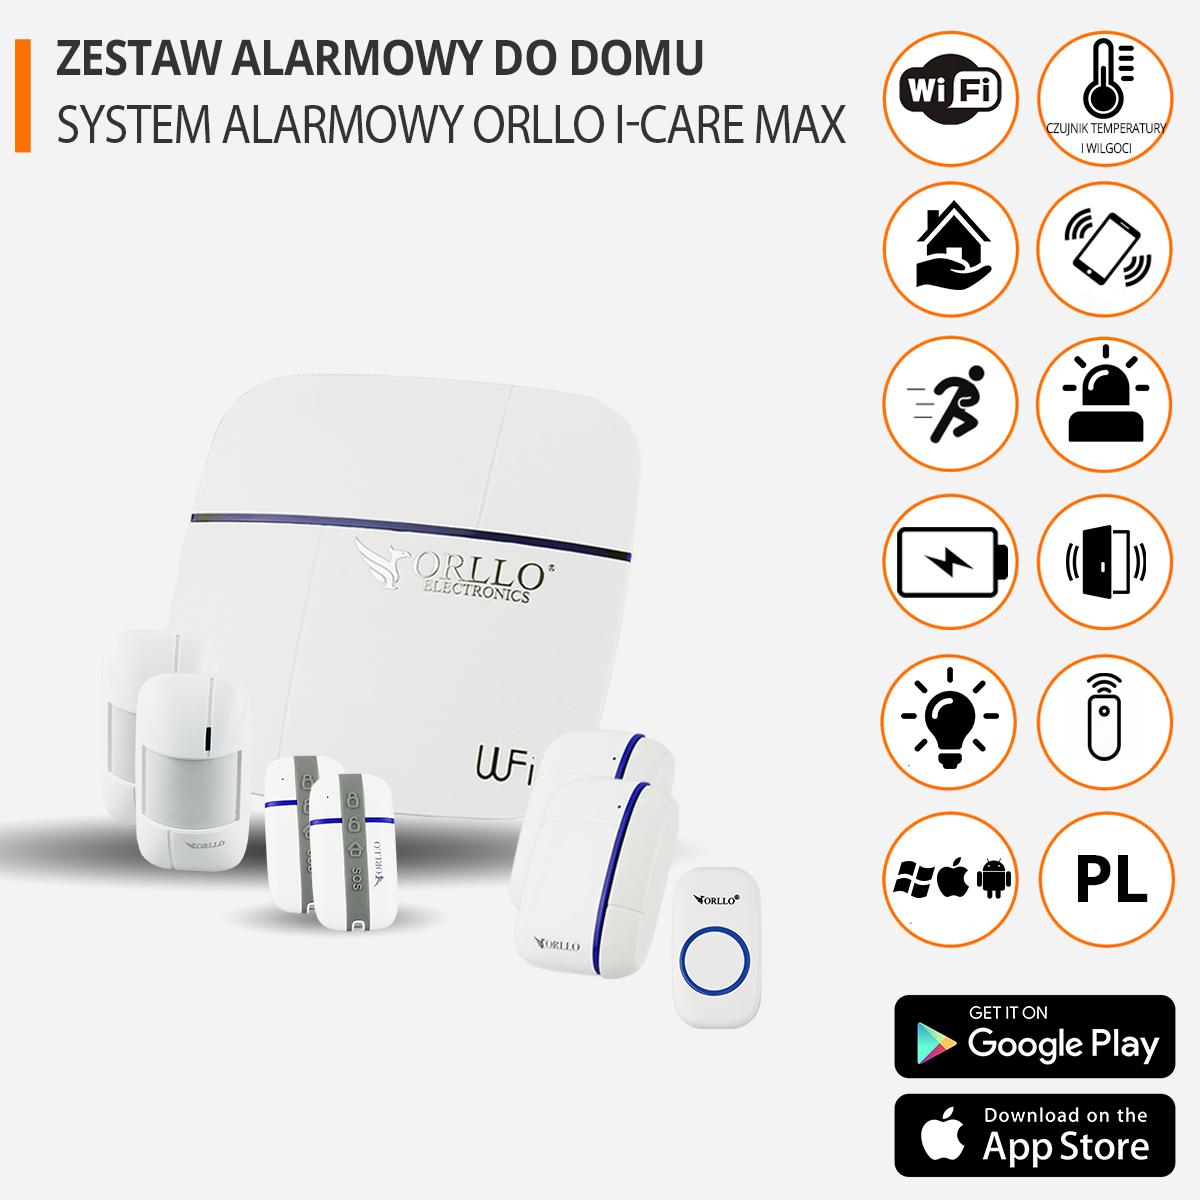 zestaw alarmowy do domu funkcje orllo.pl